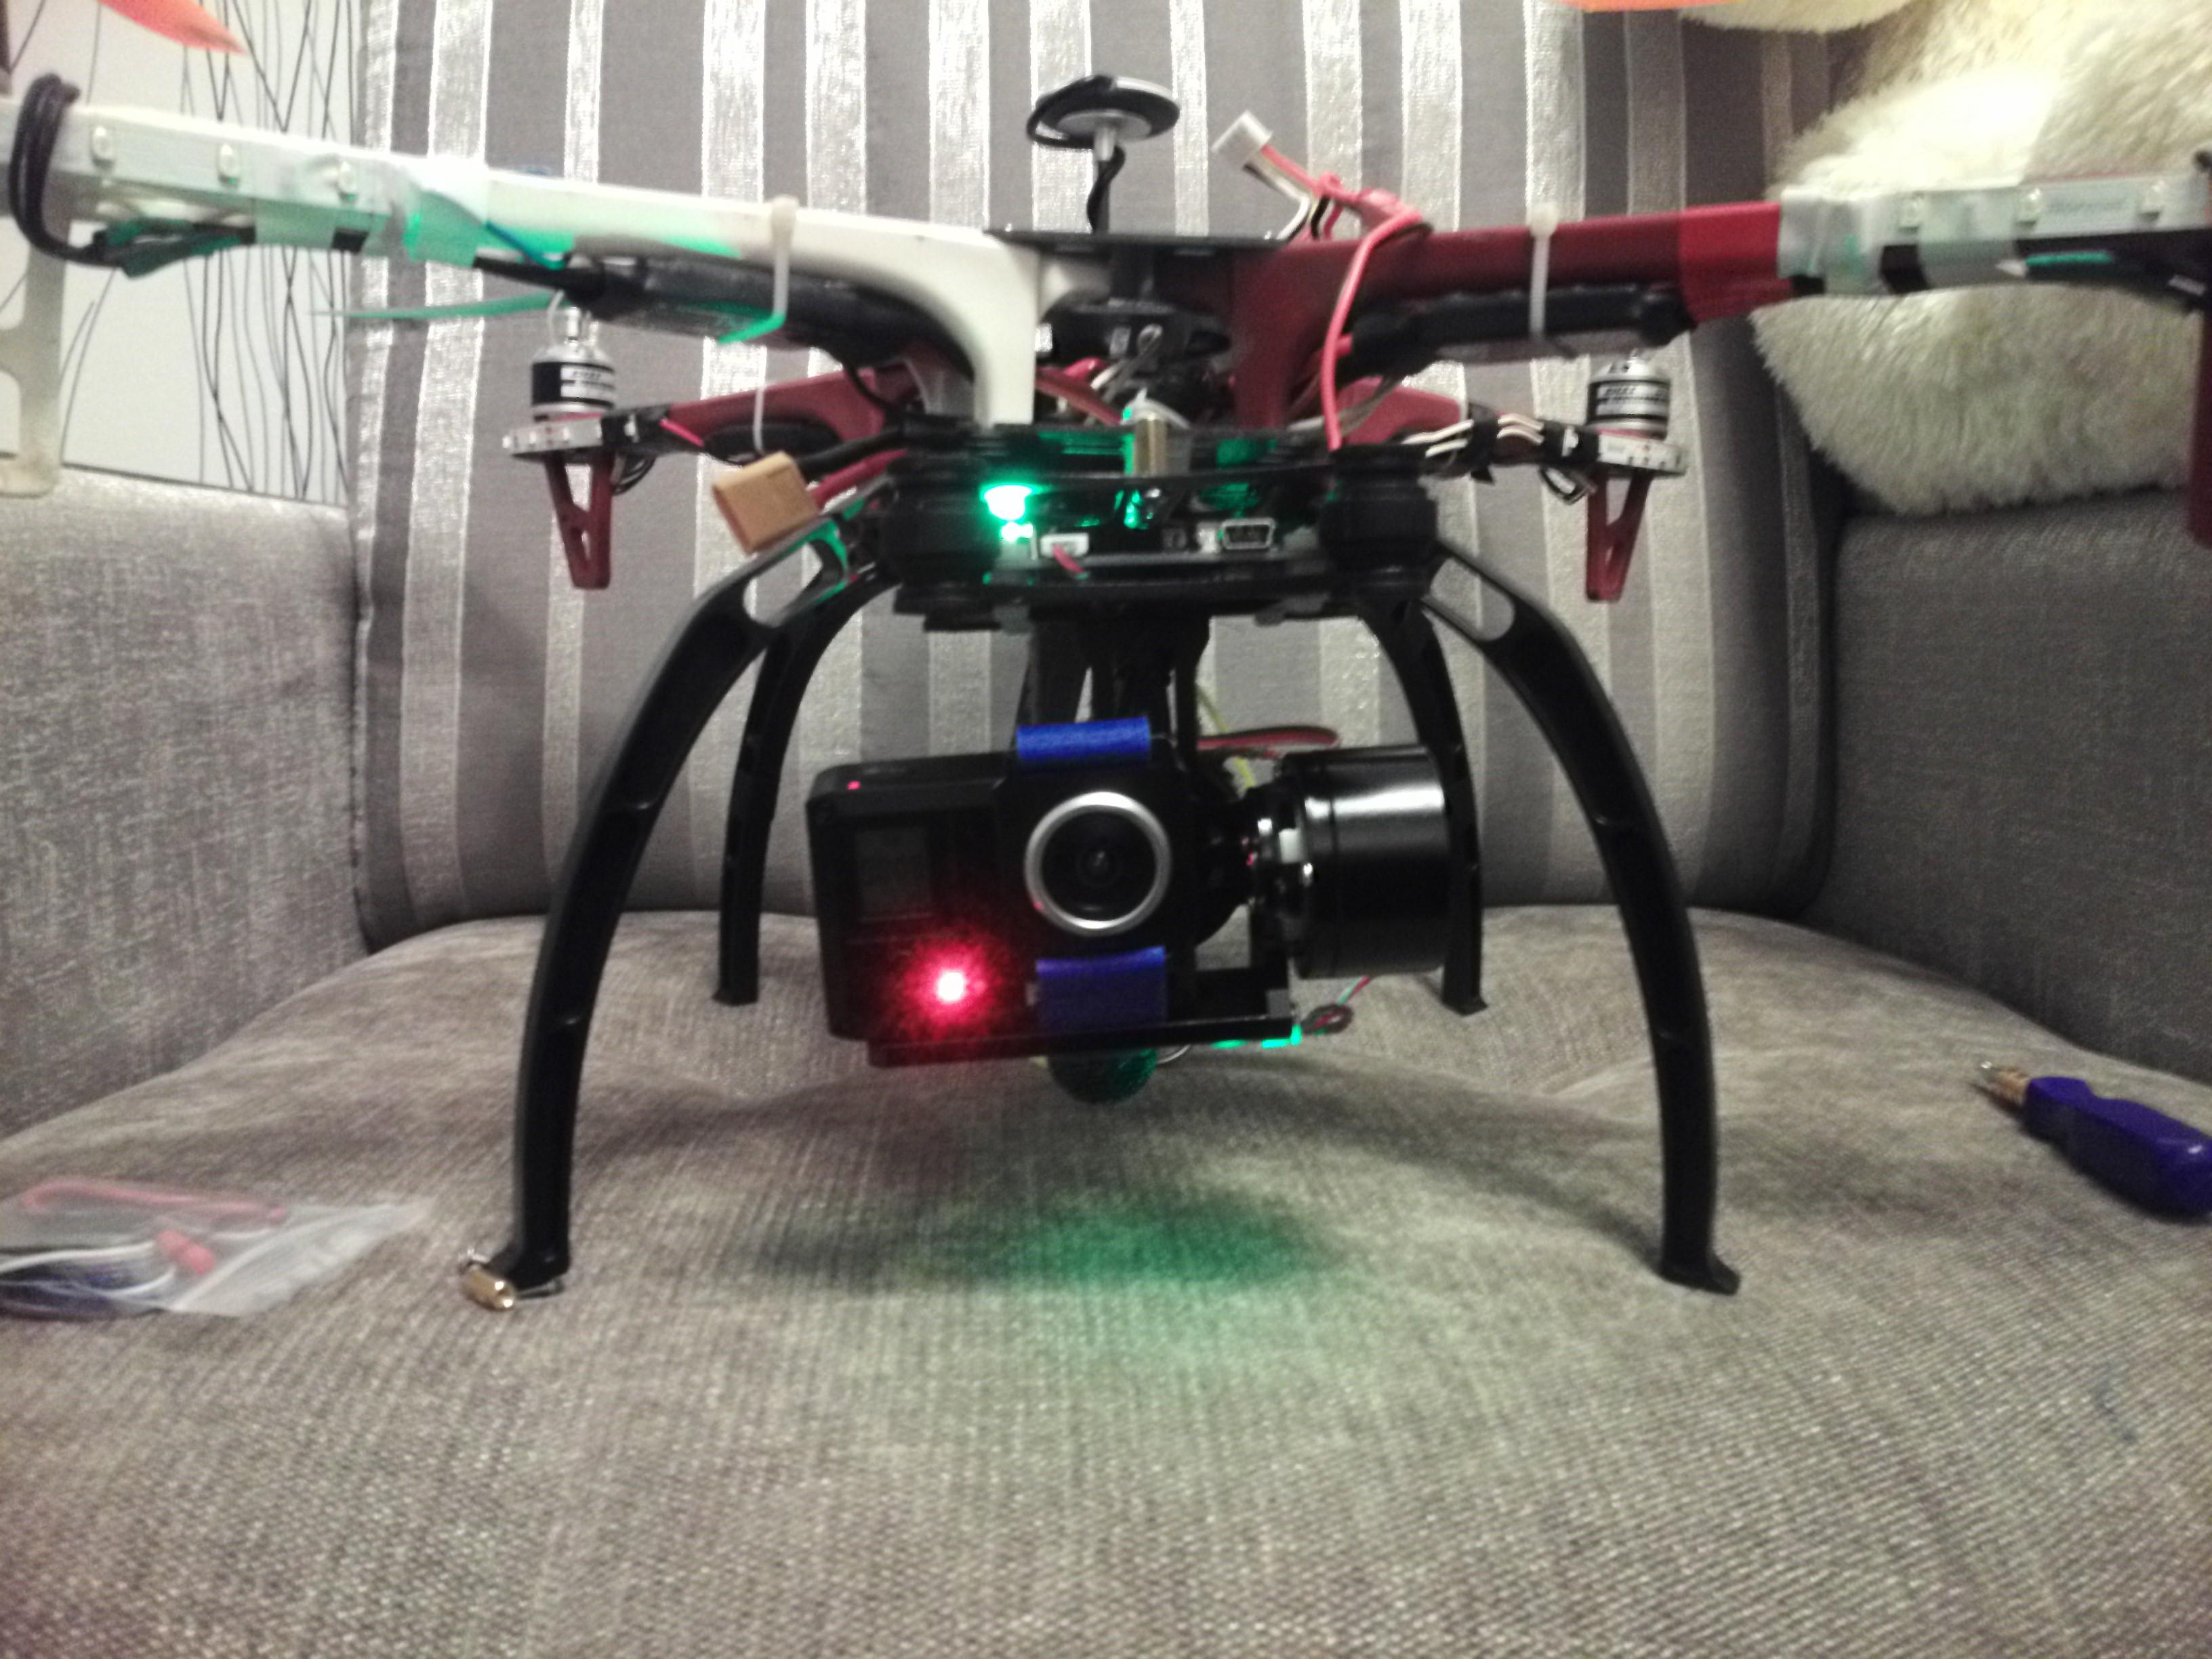 GearBest: Постройка DIY квадрокоптера. Часть 2 практика